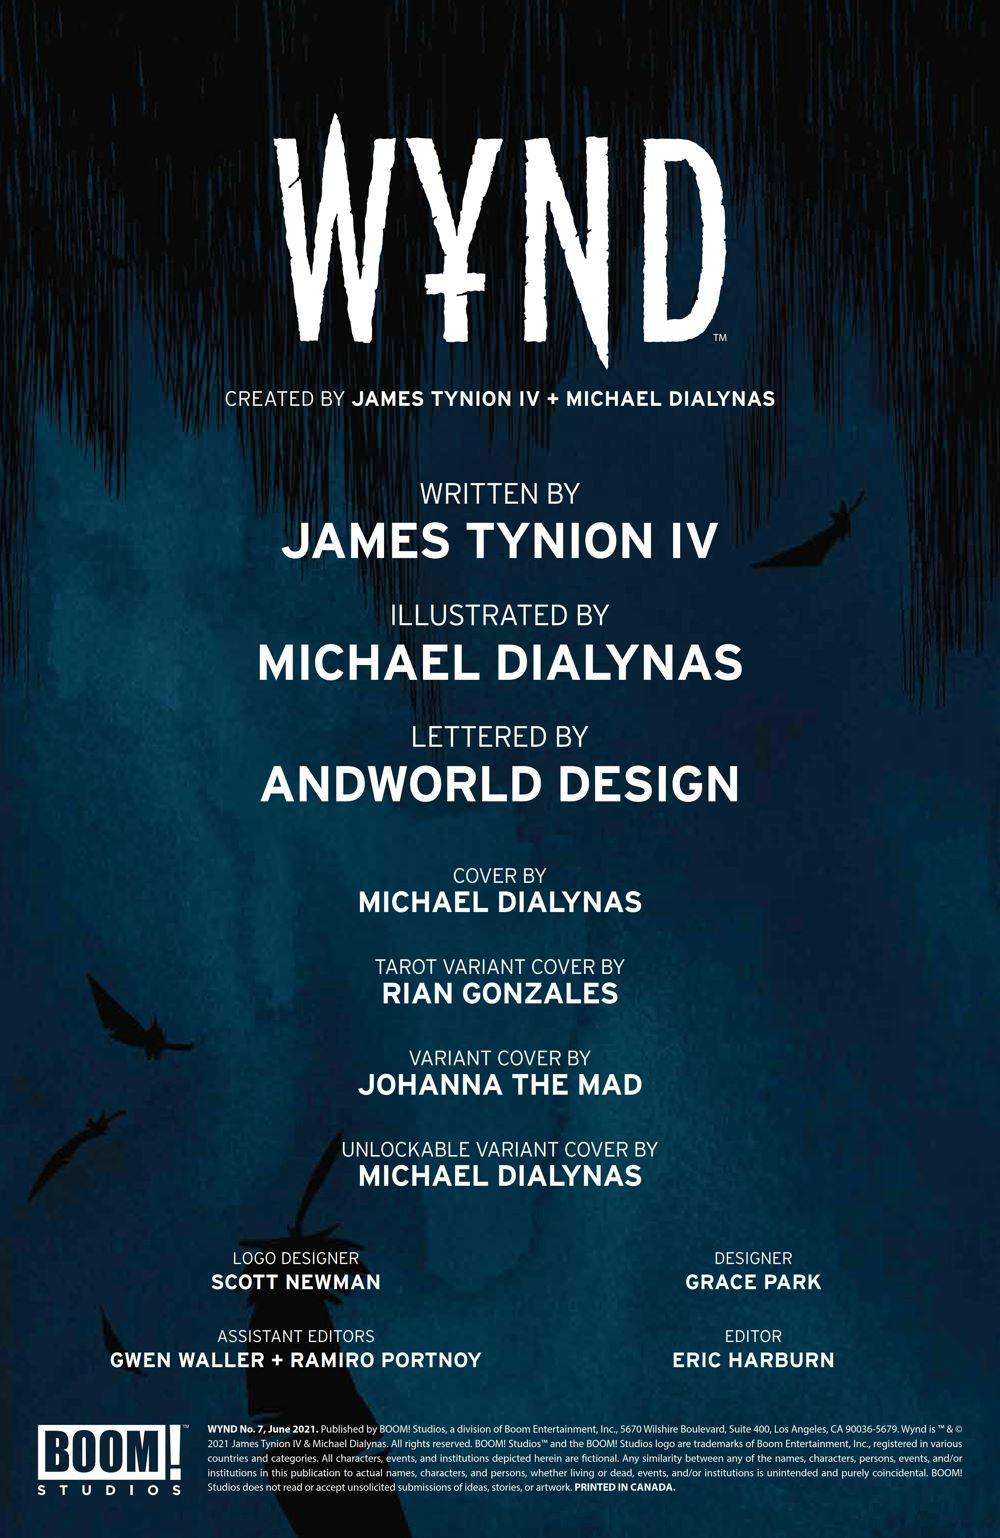 Wynd_007_PRESS_2 ComicList Previews: WYND #7